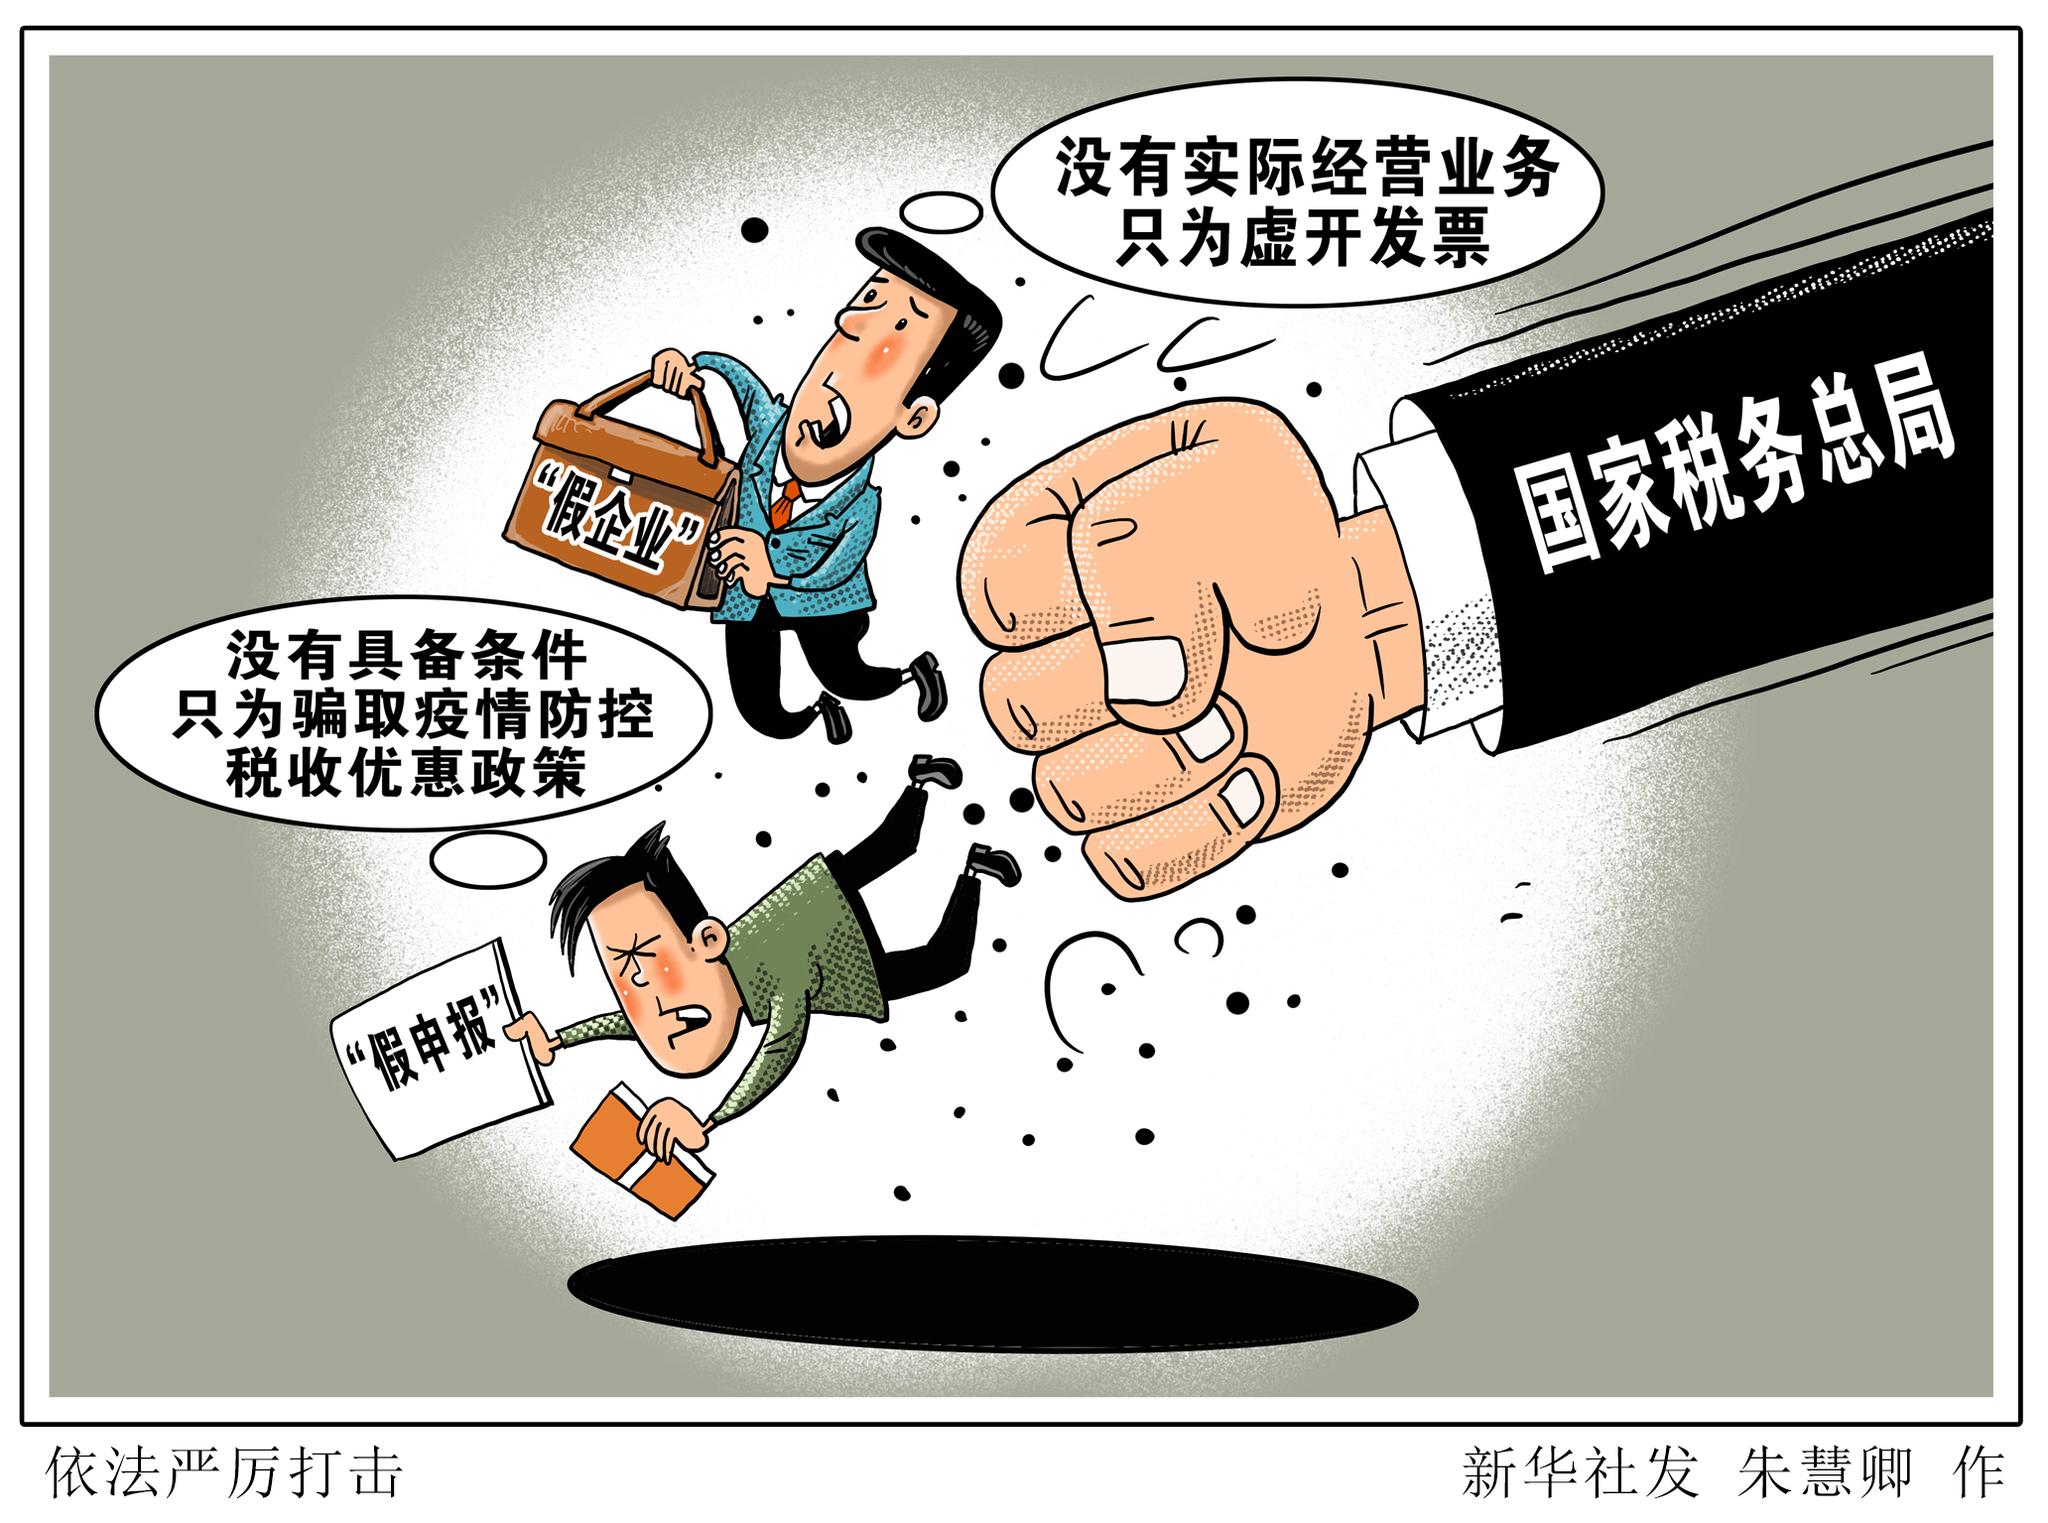 虚开发票、骗取出口退税……国家税务总局曝光5起虚开骗税典型案件